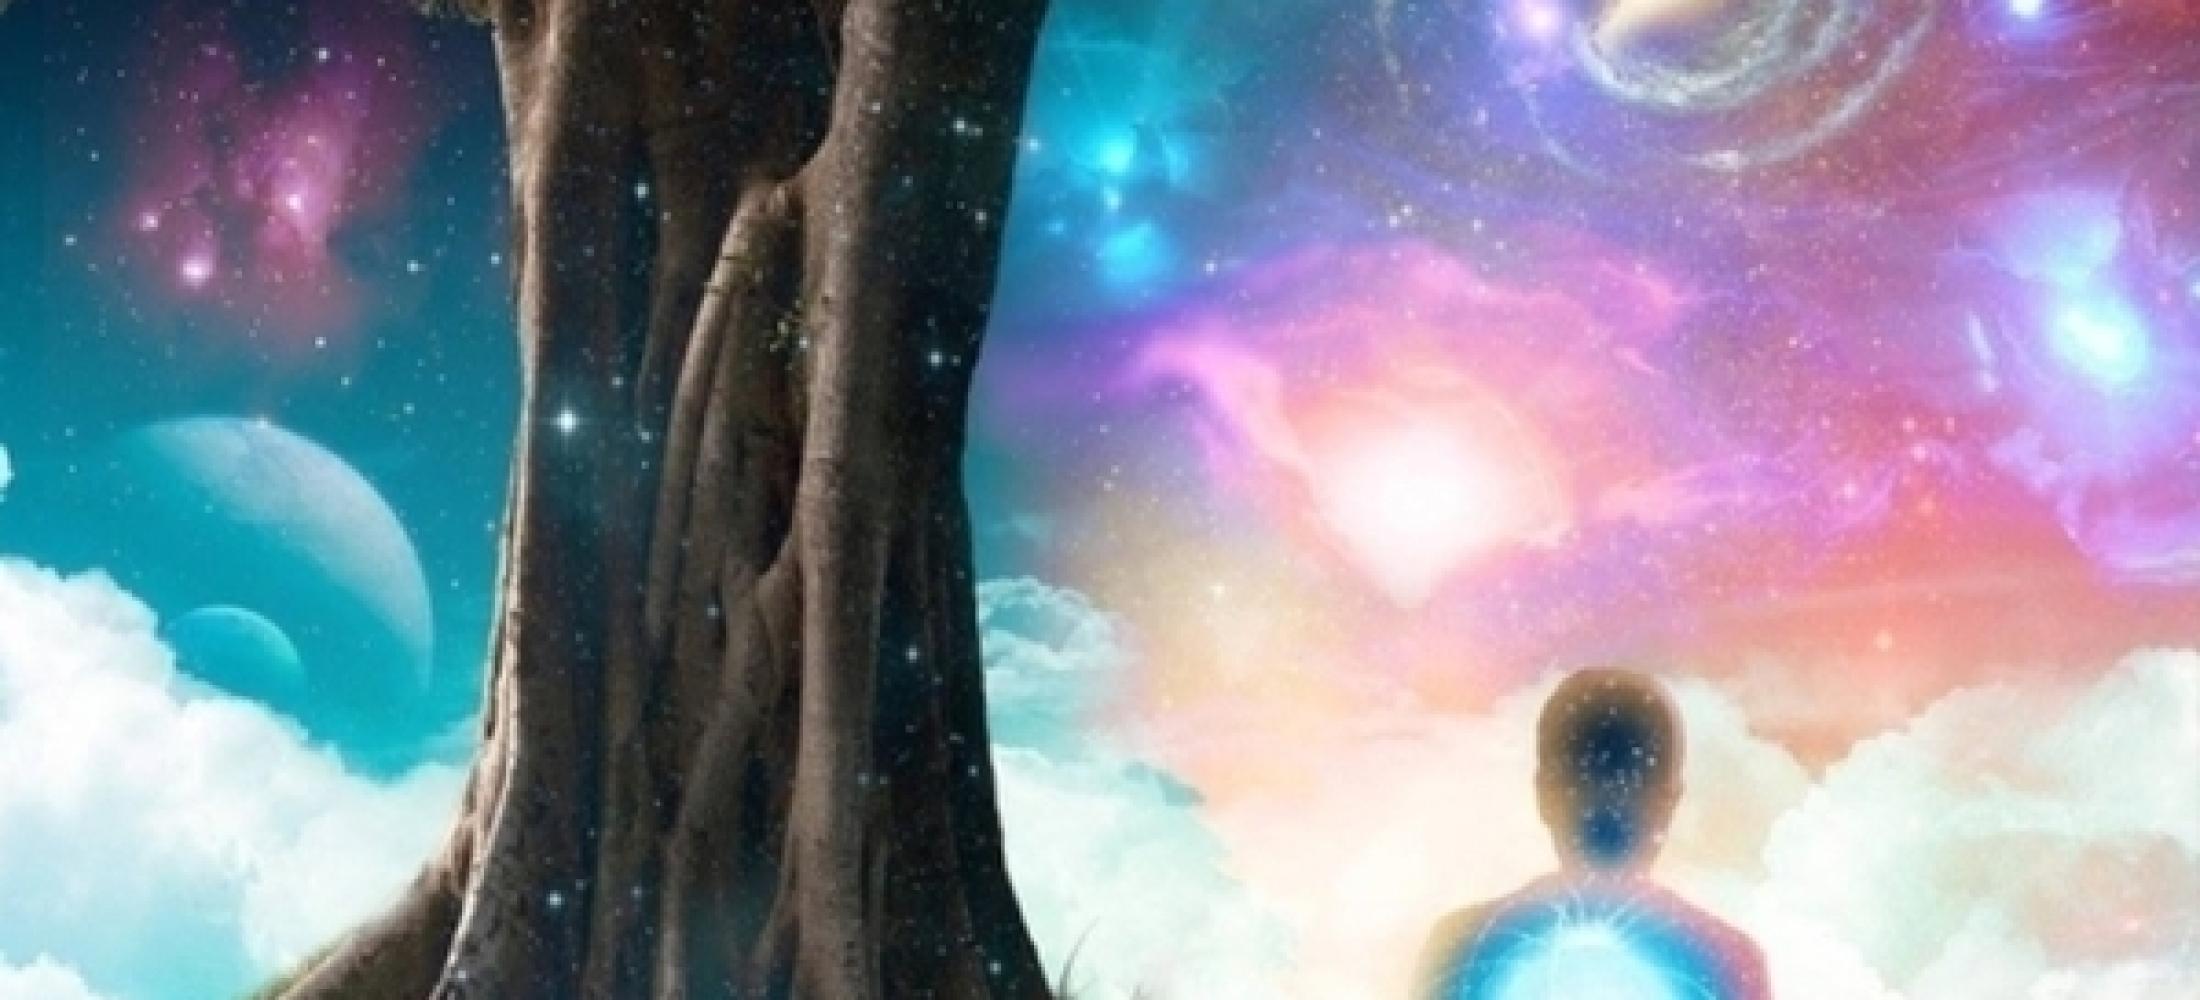 Чем примечательны каналы космоэнергетики универсума